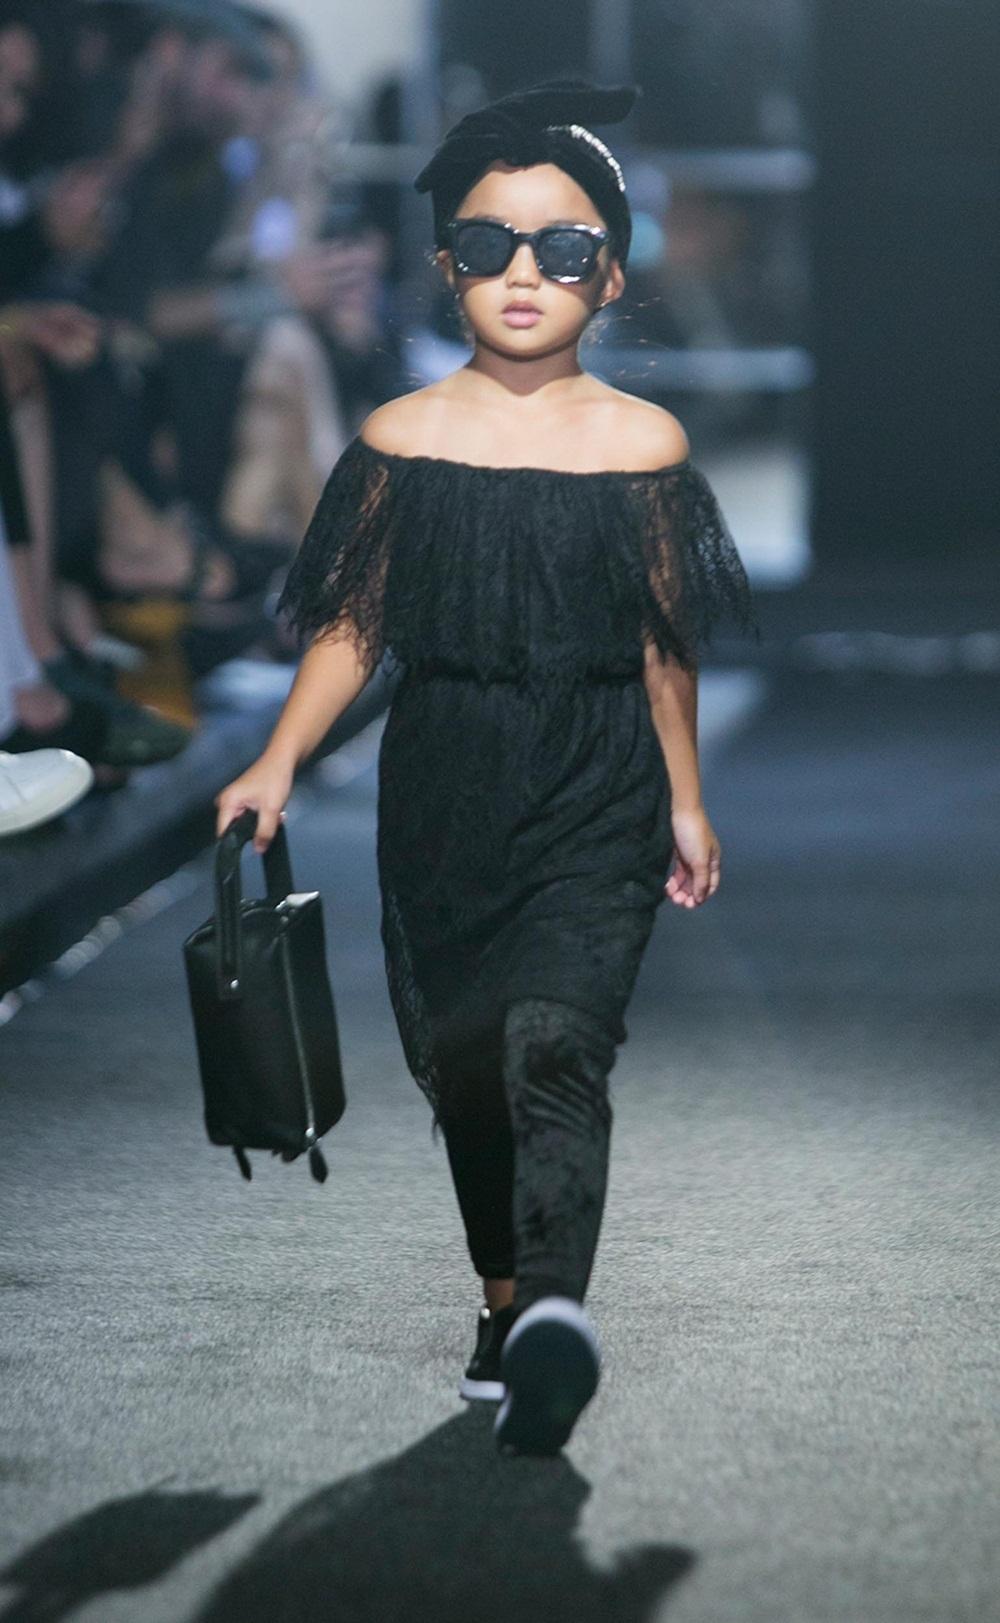 Tuần lễ thời trang thiếu nhi lần đầu tiên tổ chức tại VN - 2